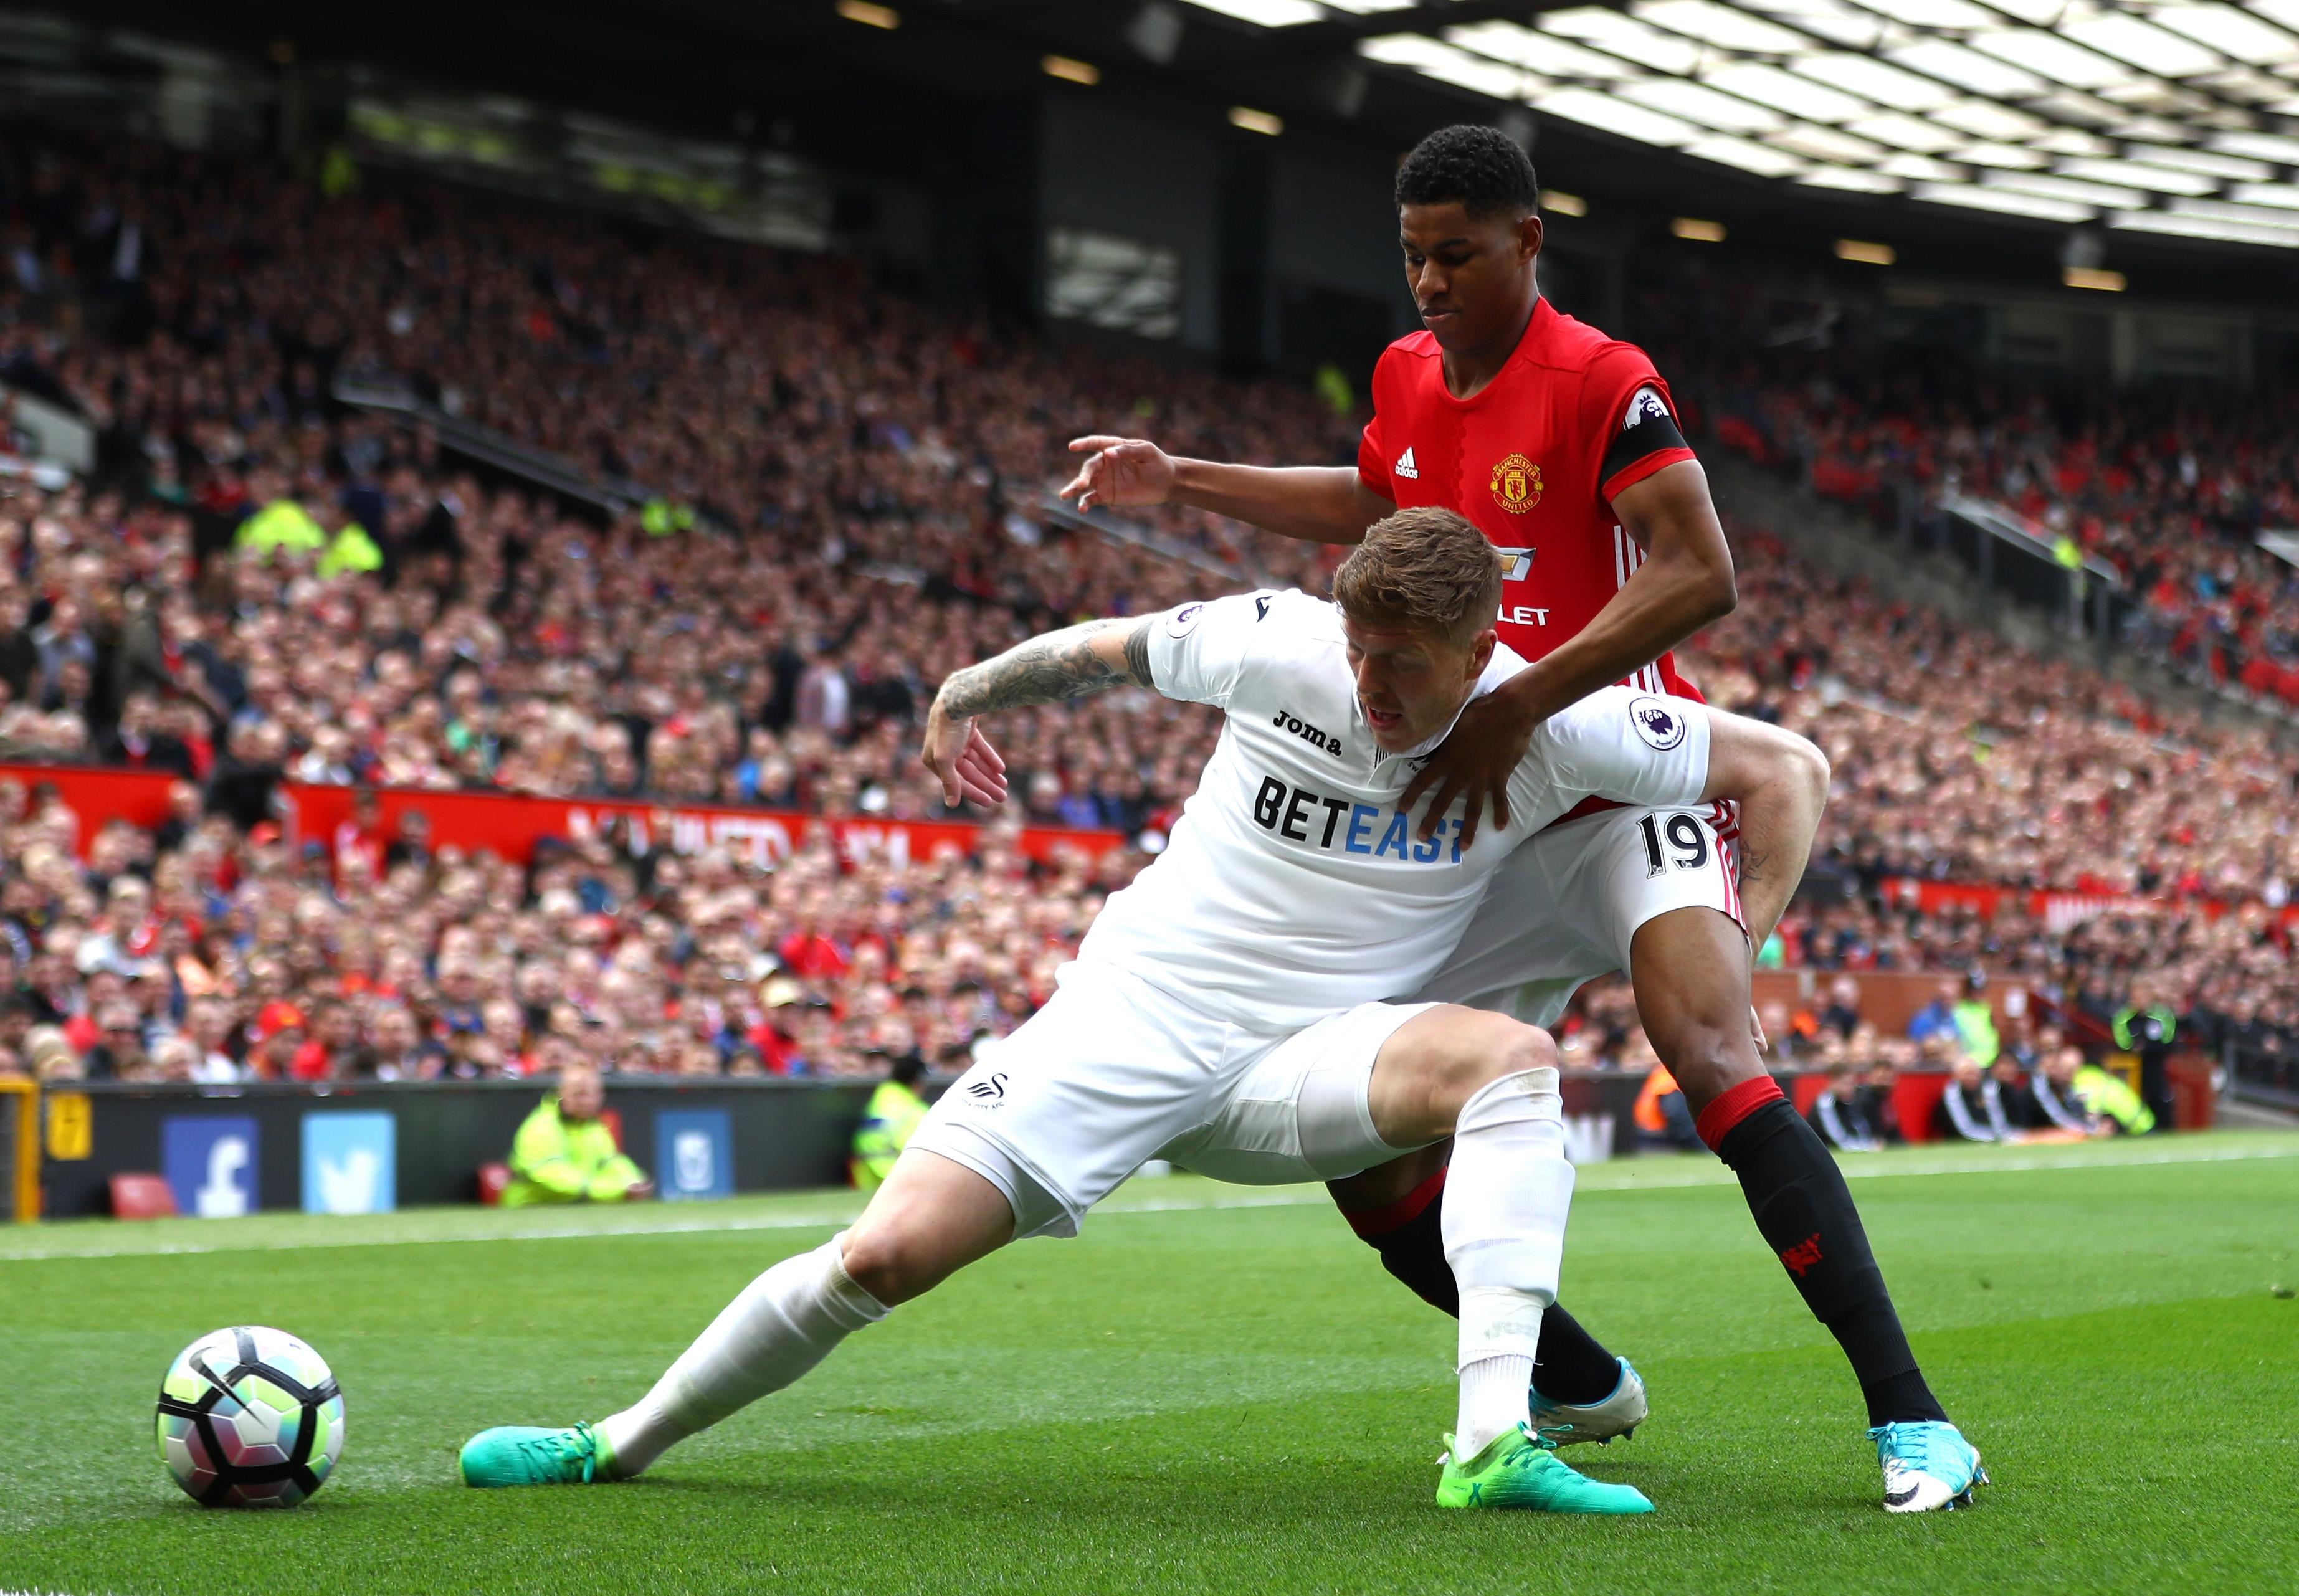 Прогноз На Футбольный Матч Манчестер Юн Суонси